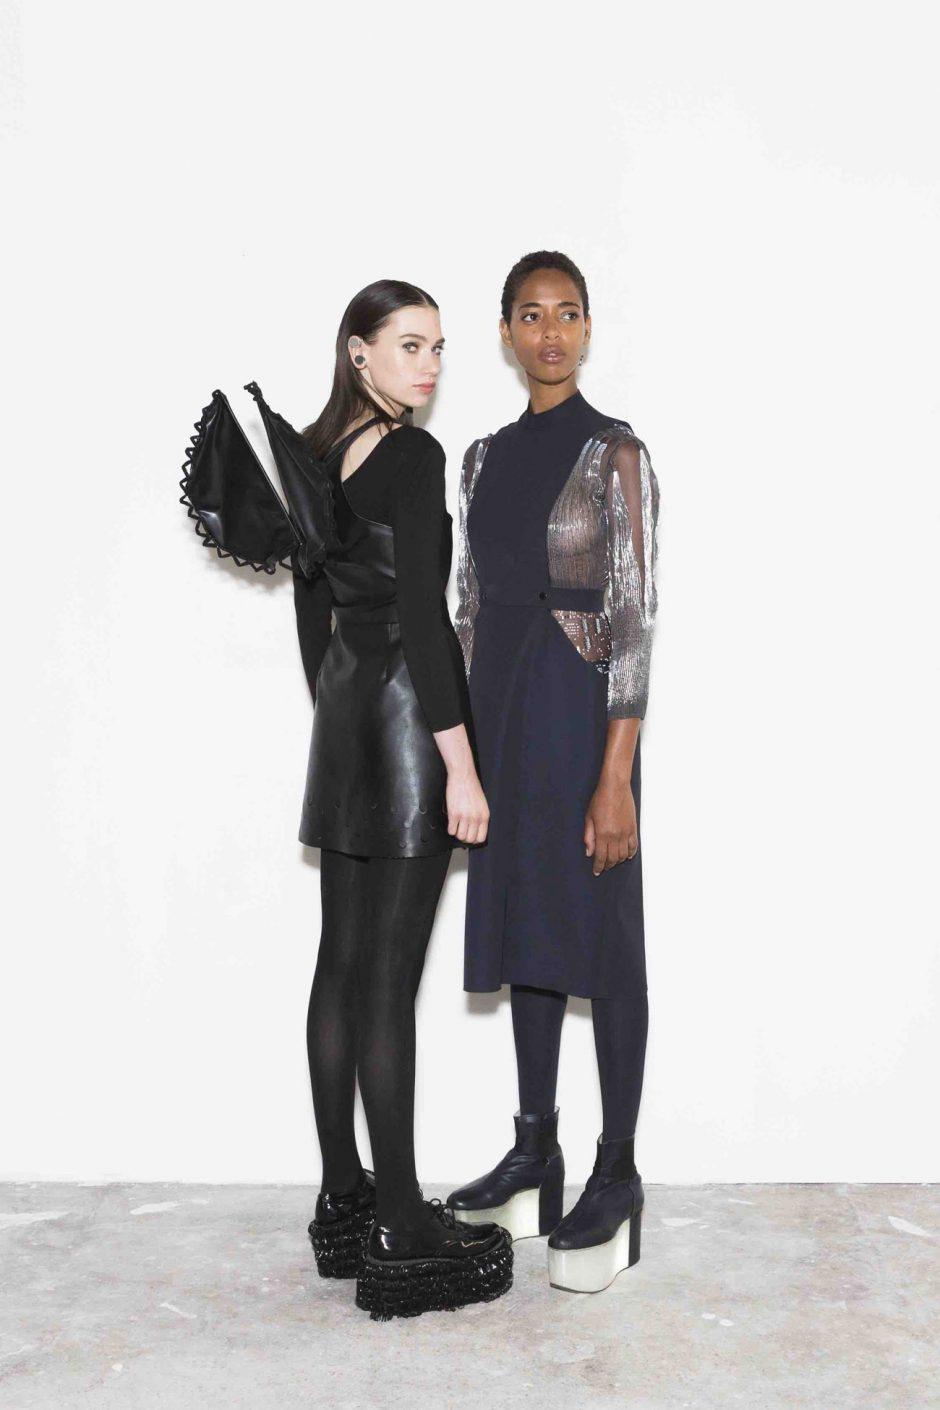 Der Ambience Skirt der Berliner Fashiontech-Designerin Lina Wassong ist ein gerade geschnittener Minirock mit dezenten Mini-LEDs, die, verbunden mit einem Mikrocontroller, wie Glühwürmchen leuchten